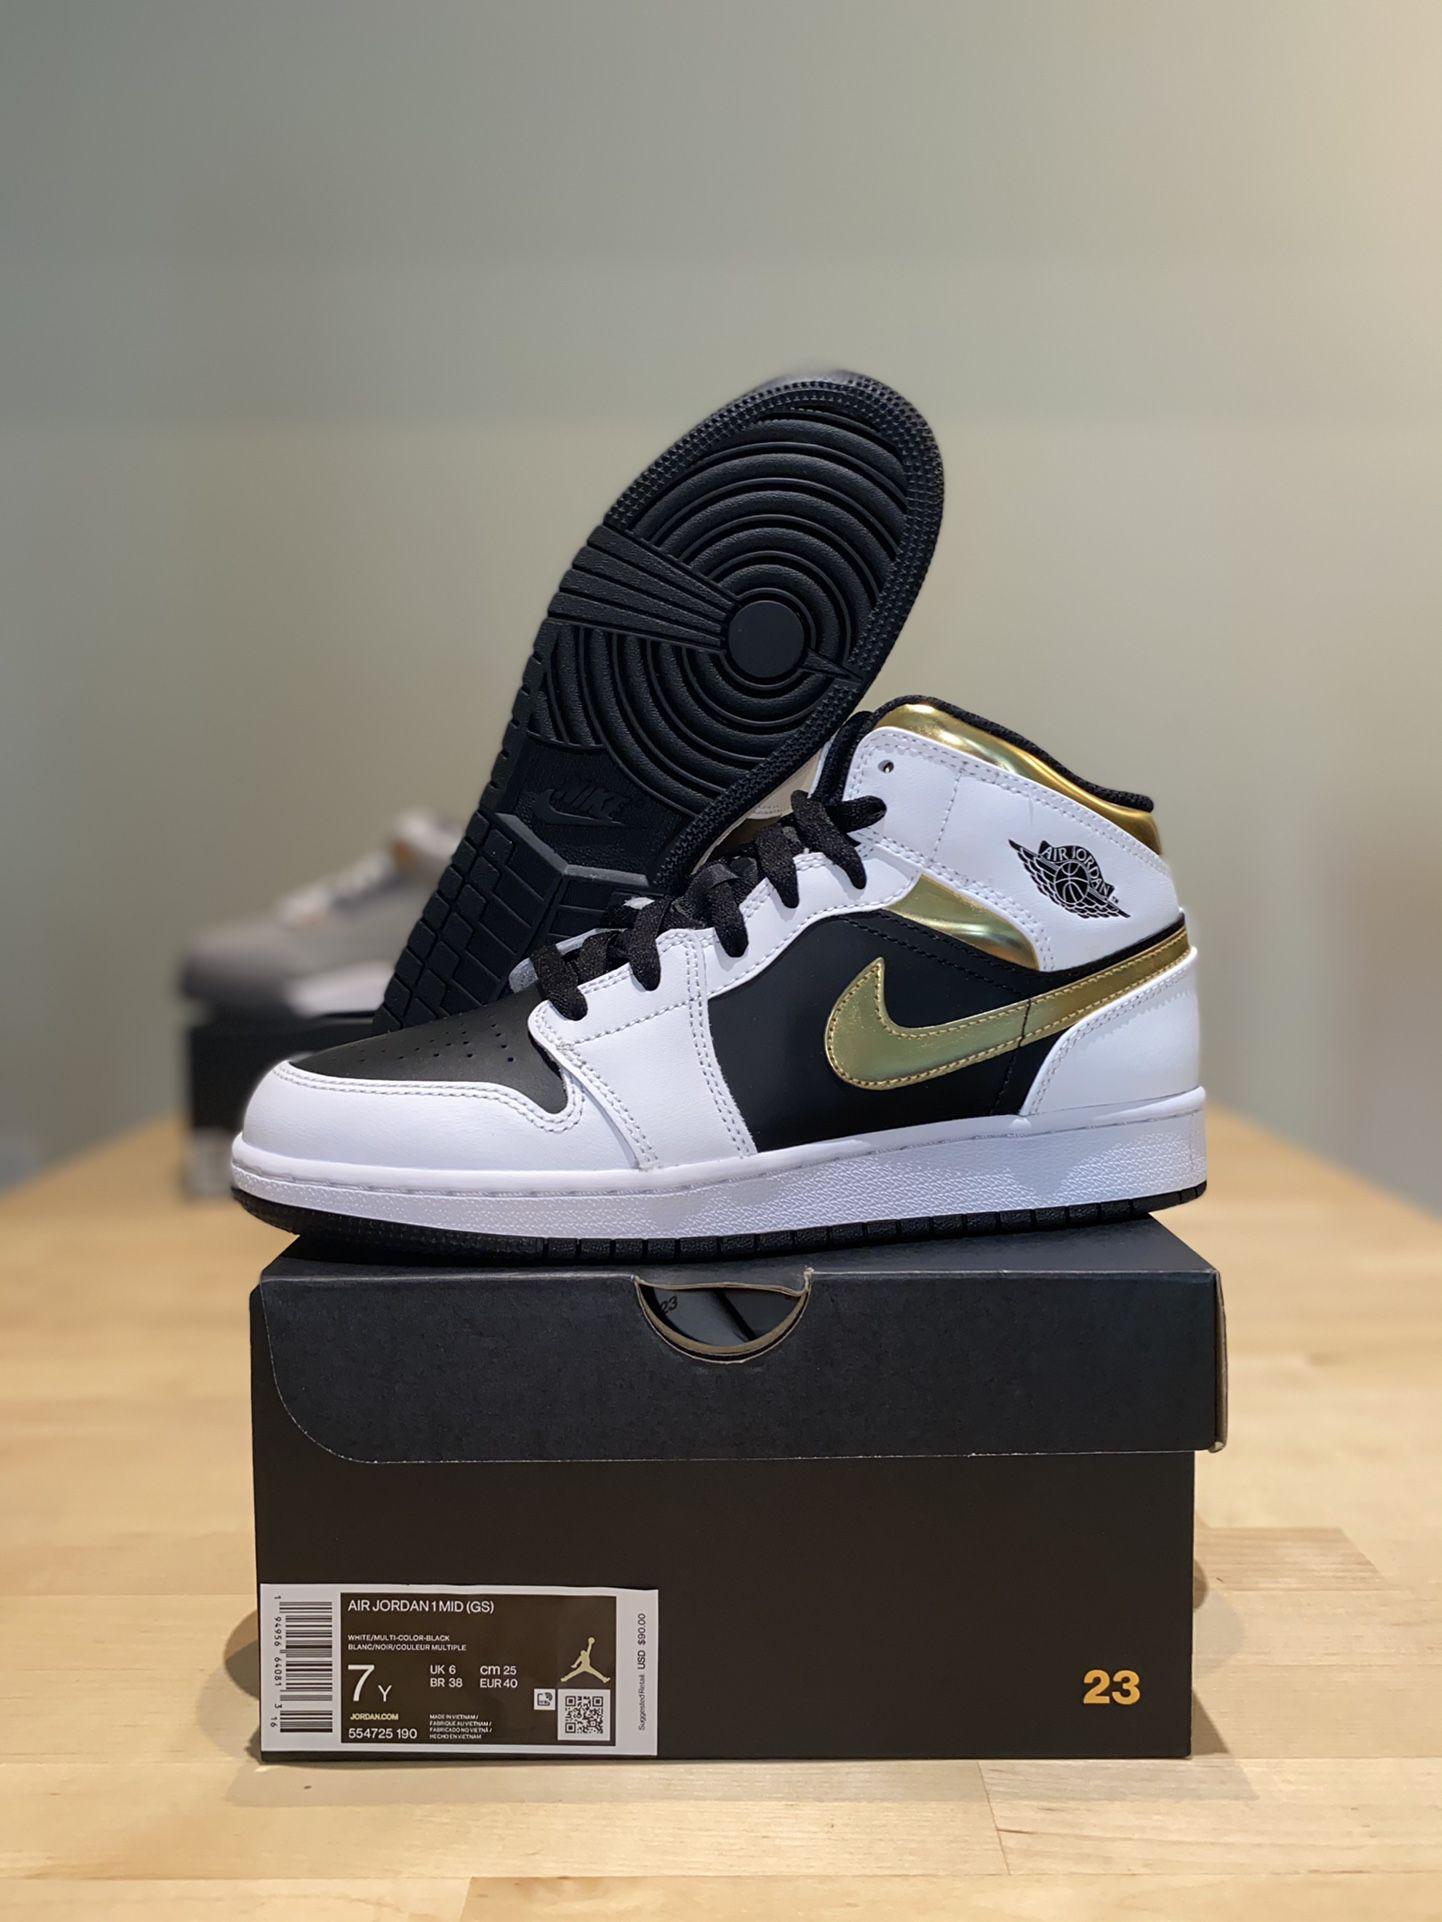 Jordan 1 Mid White & Gold Size 5.5 & 7 Deadstock